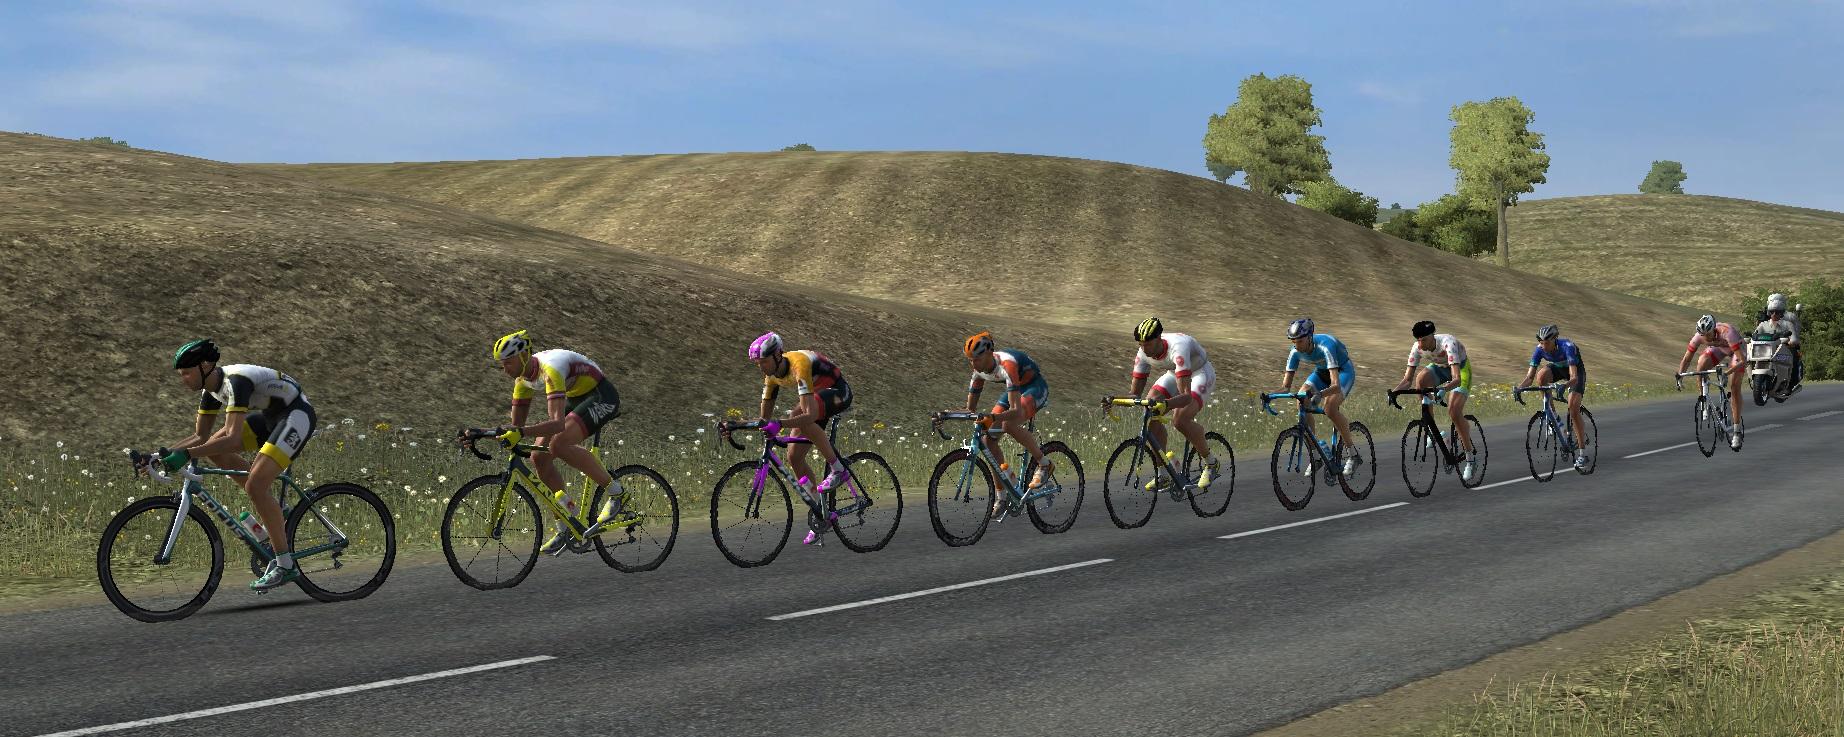 pcmdaily.com/images/mg/2019/Races/PT/PN/pn5-3.jpg